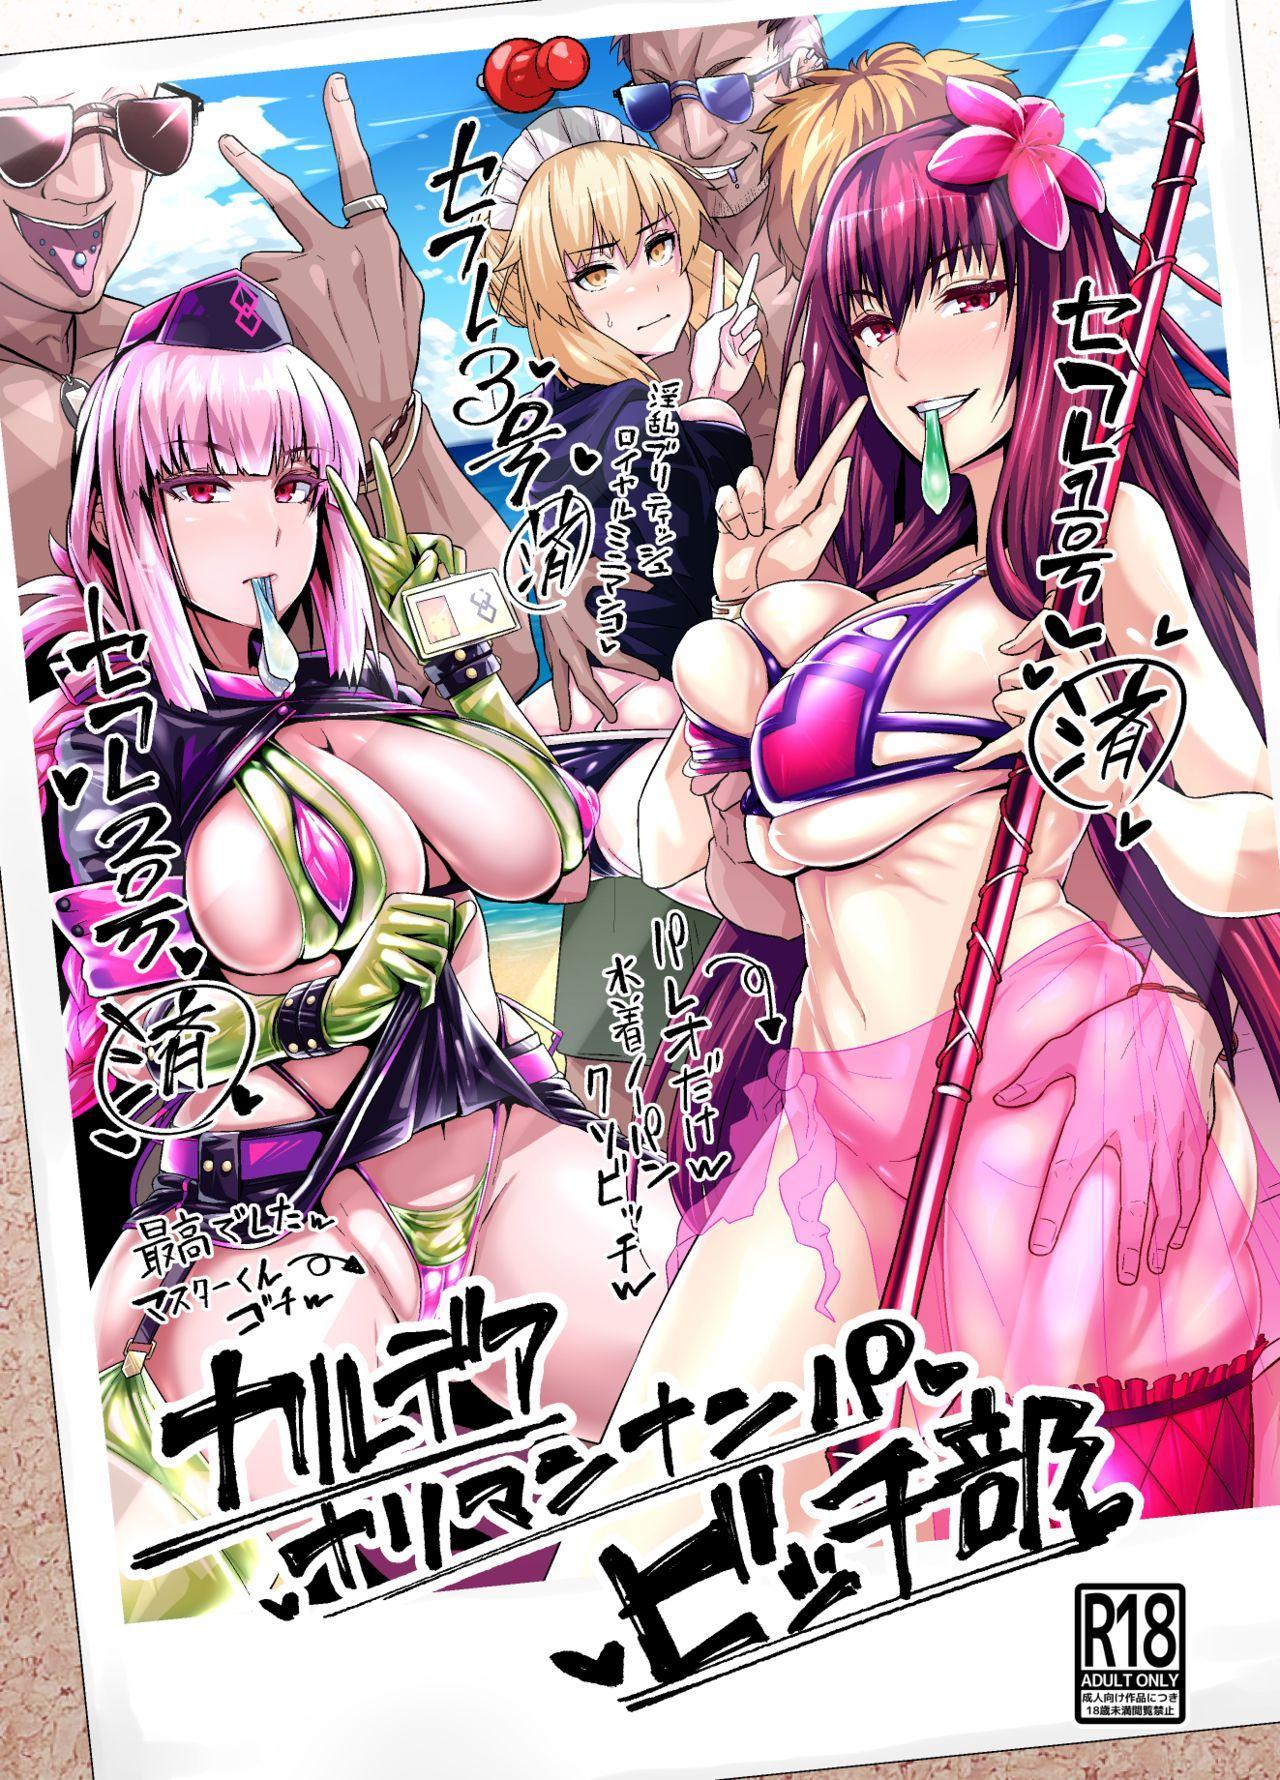 Mini Ero Manga 22